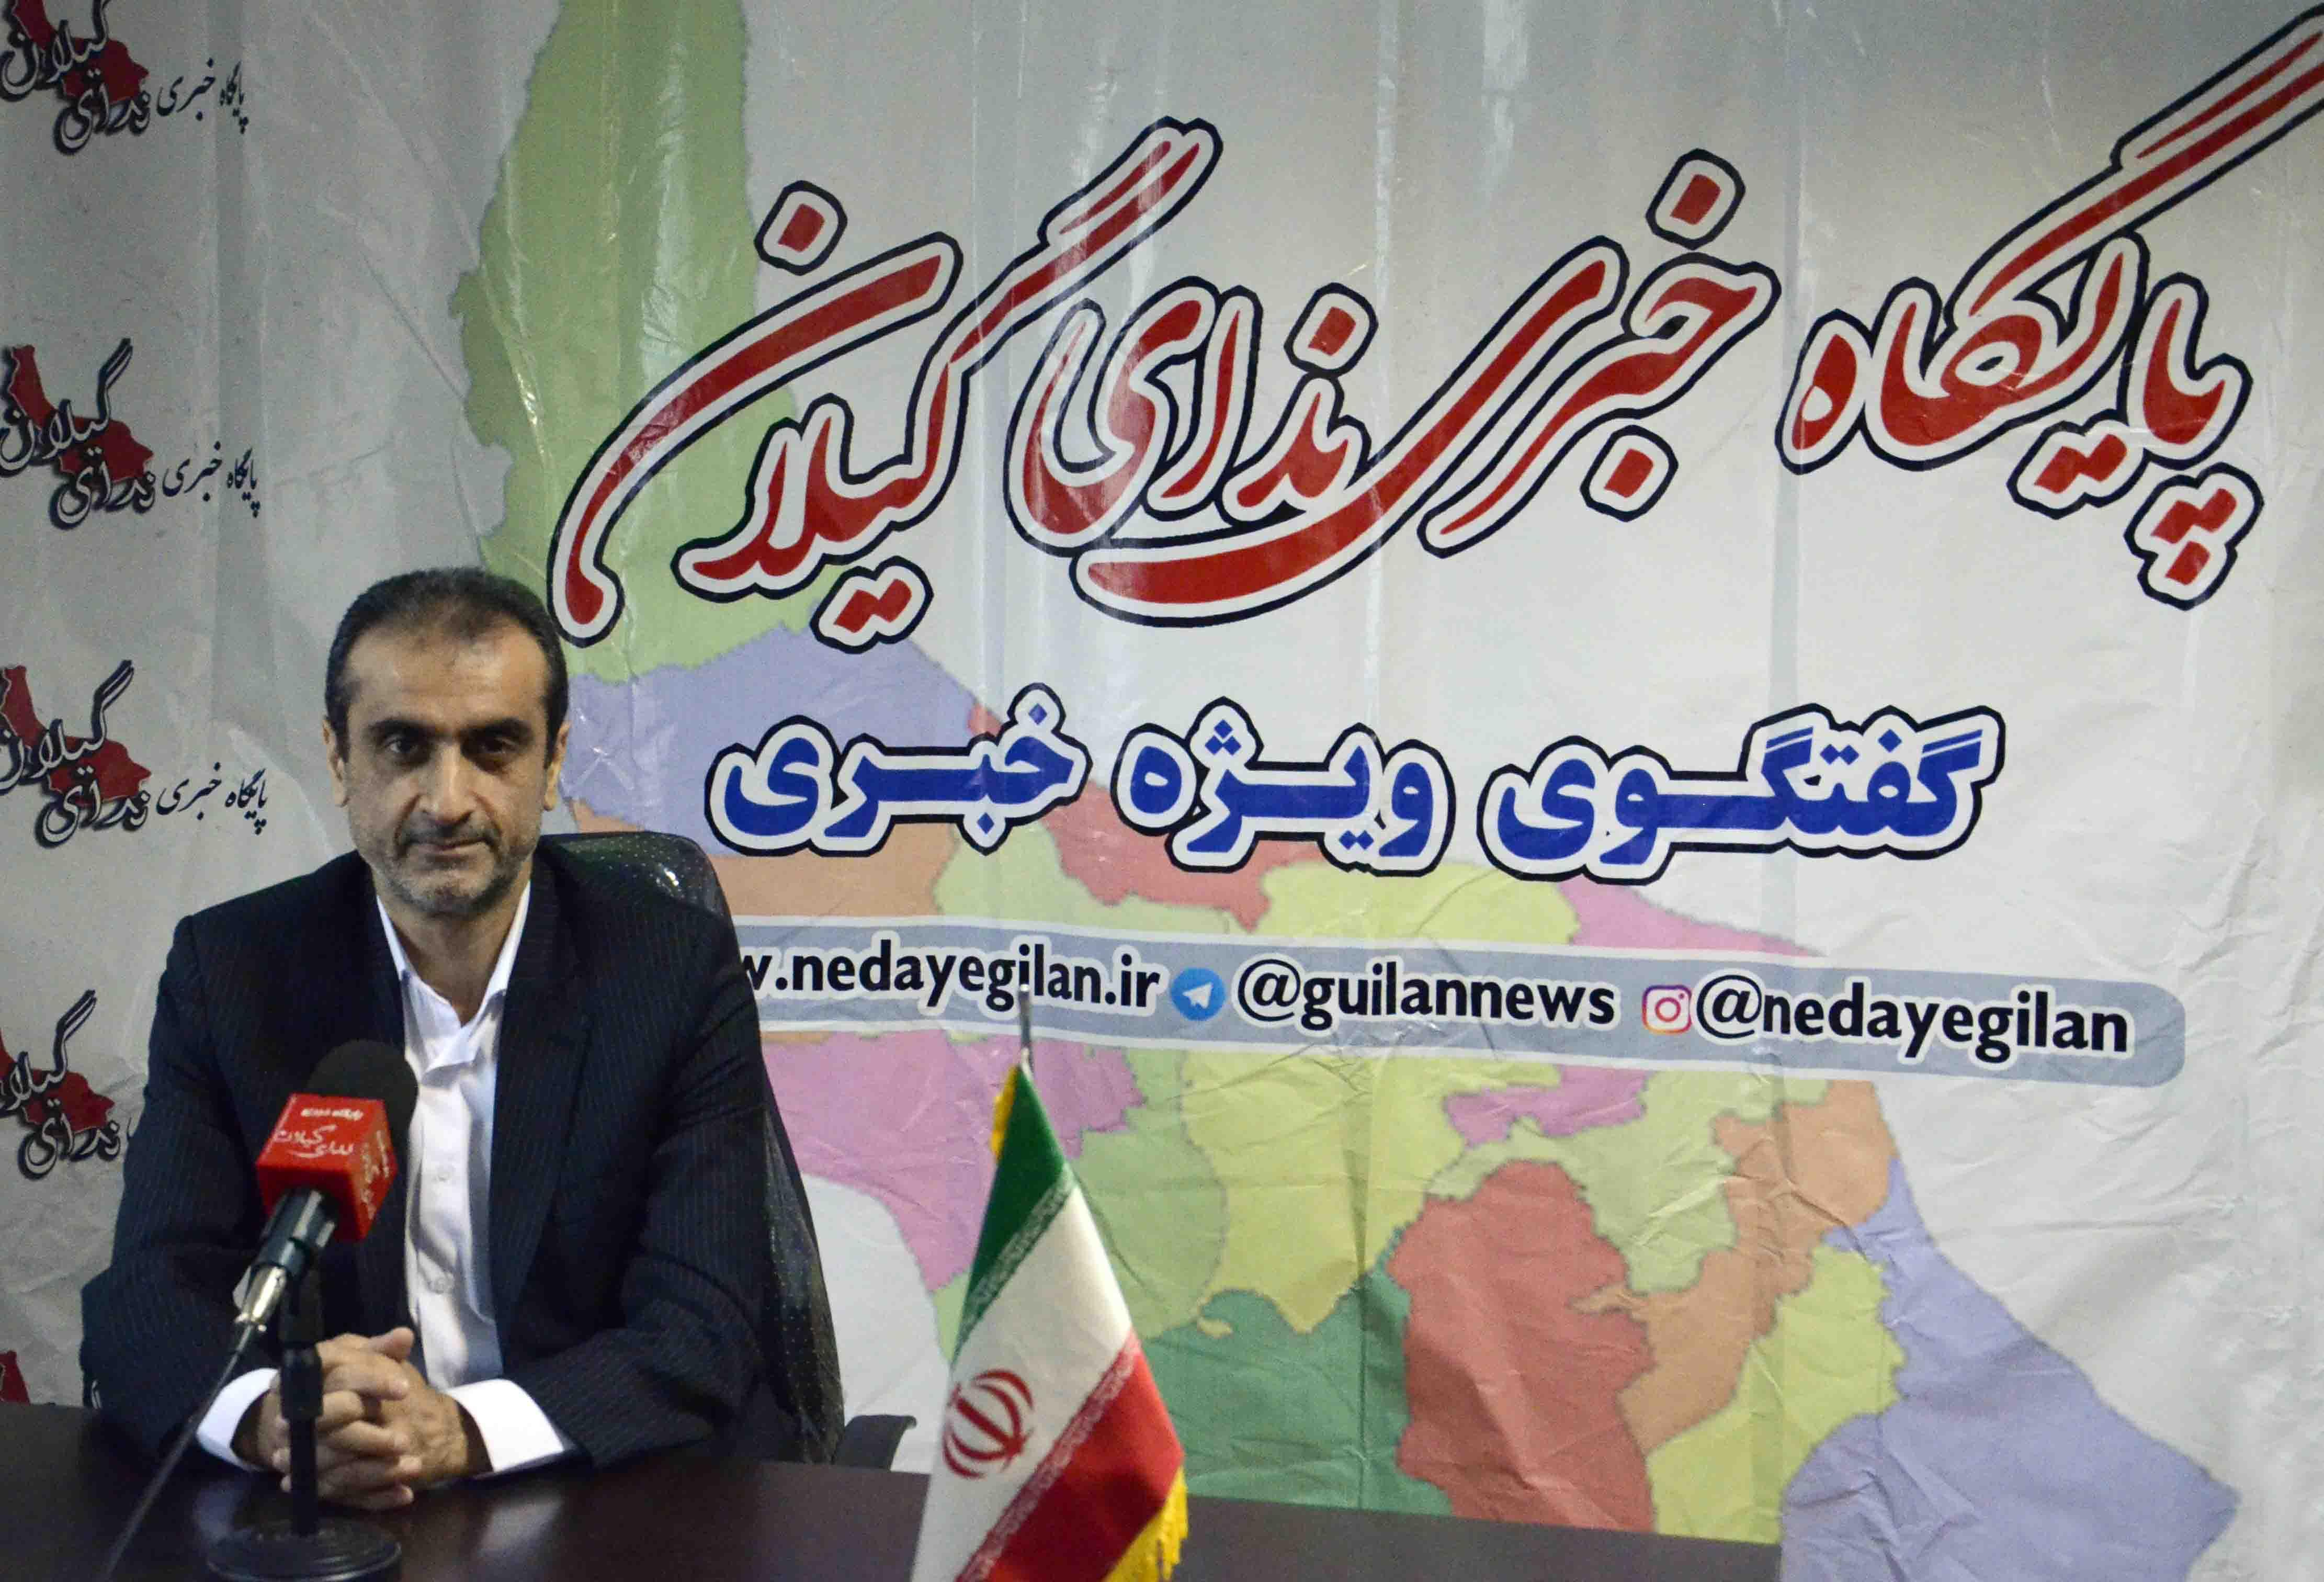 سید محمد احمدی به استانداری گیلان بازگشت